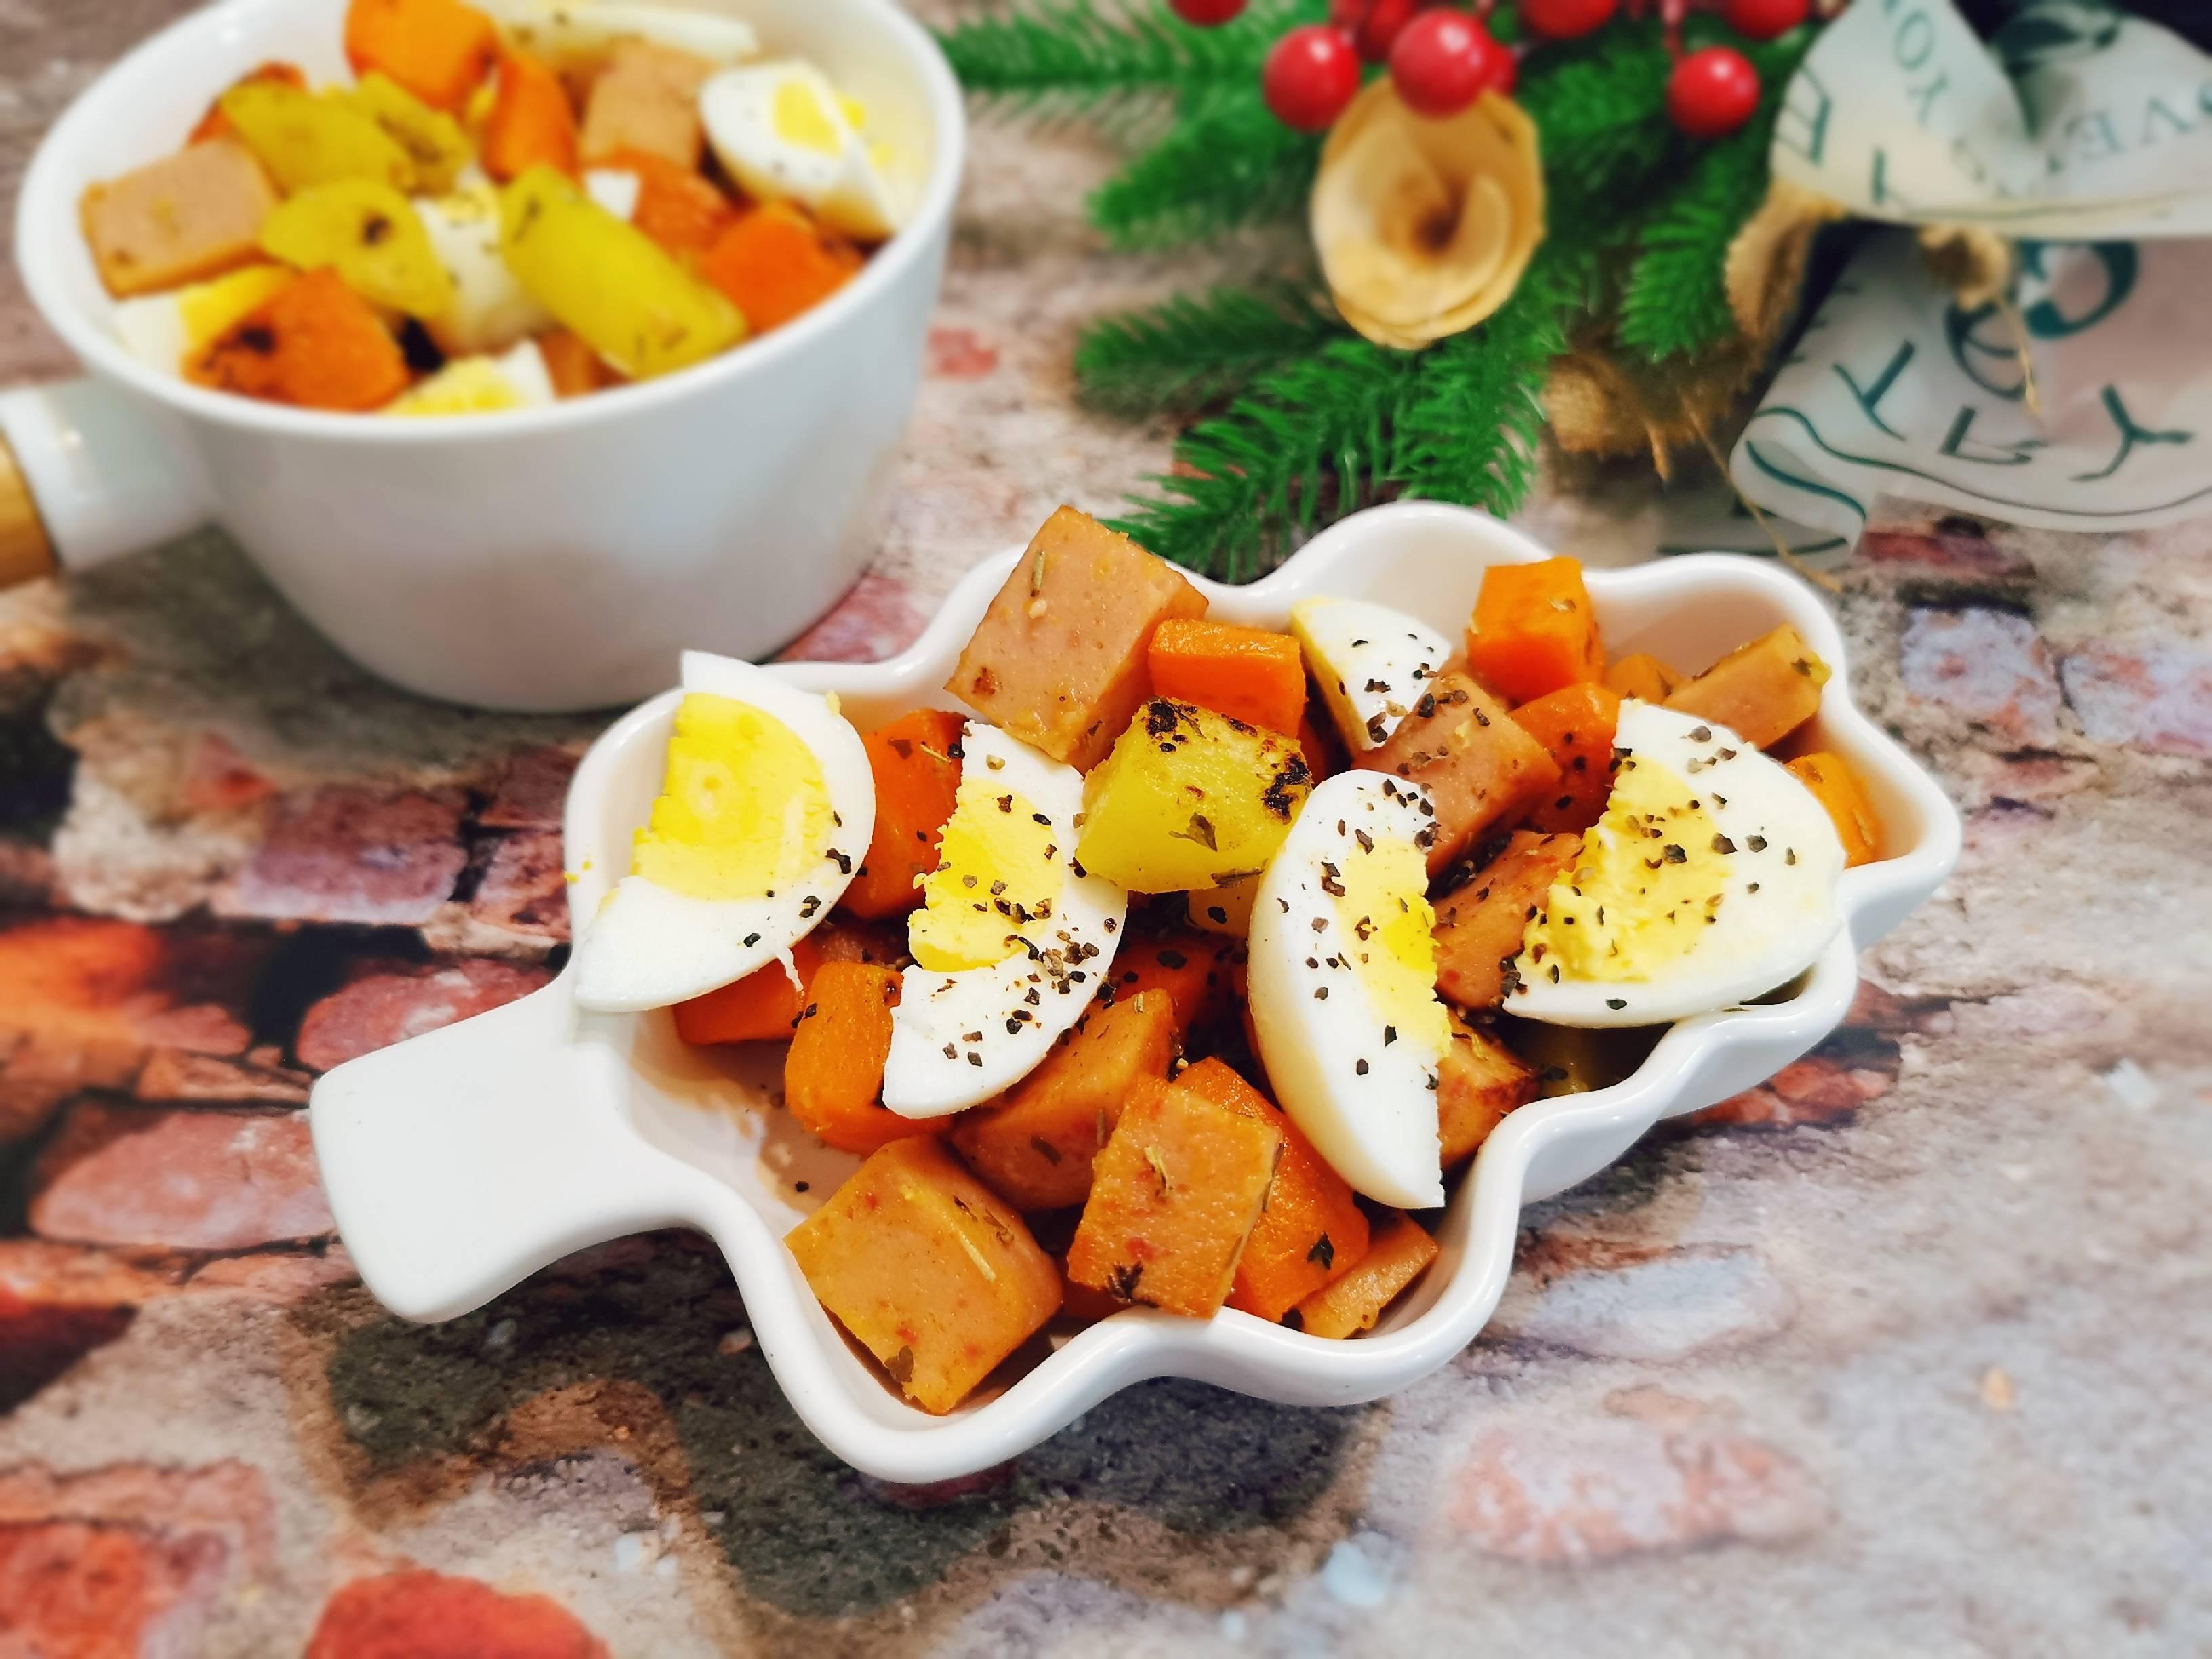 饱腹感极强的沙拉拼盘,蔬菜,鸡蛋,肉应有尽有成品图